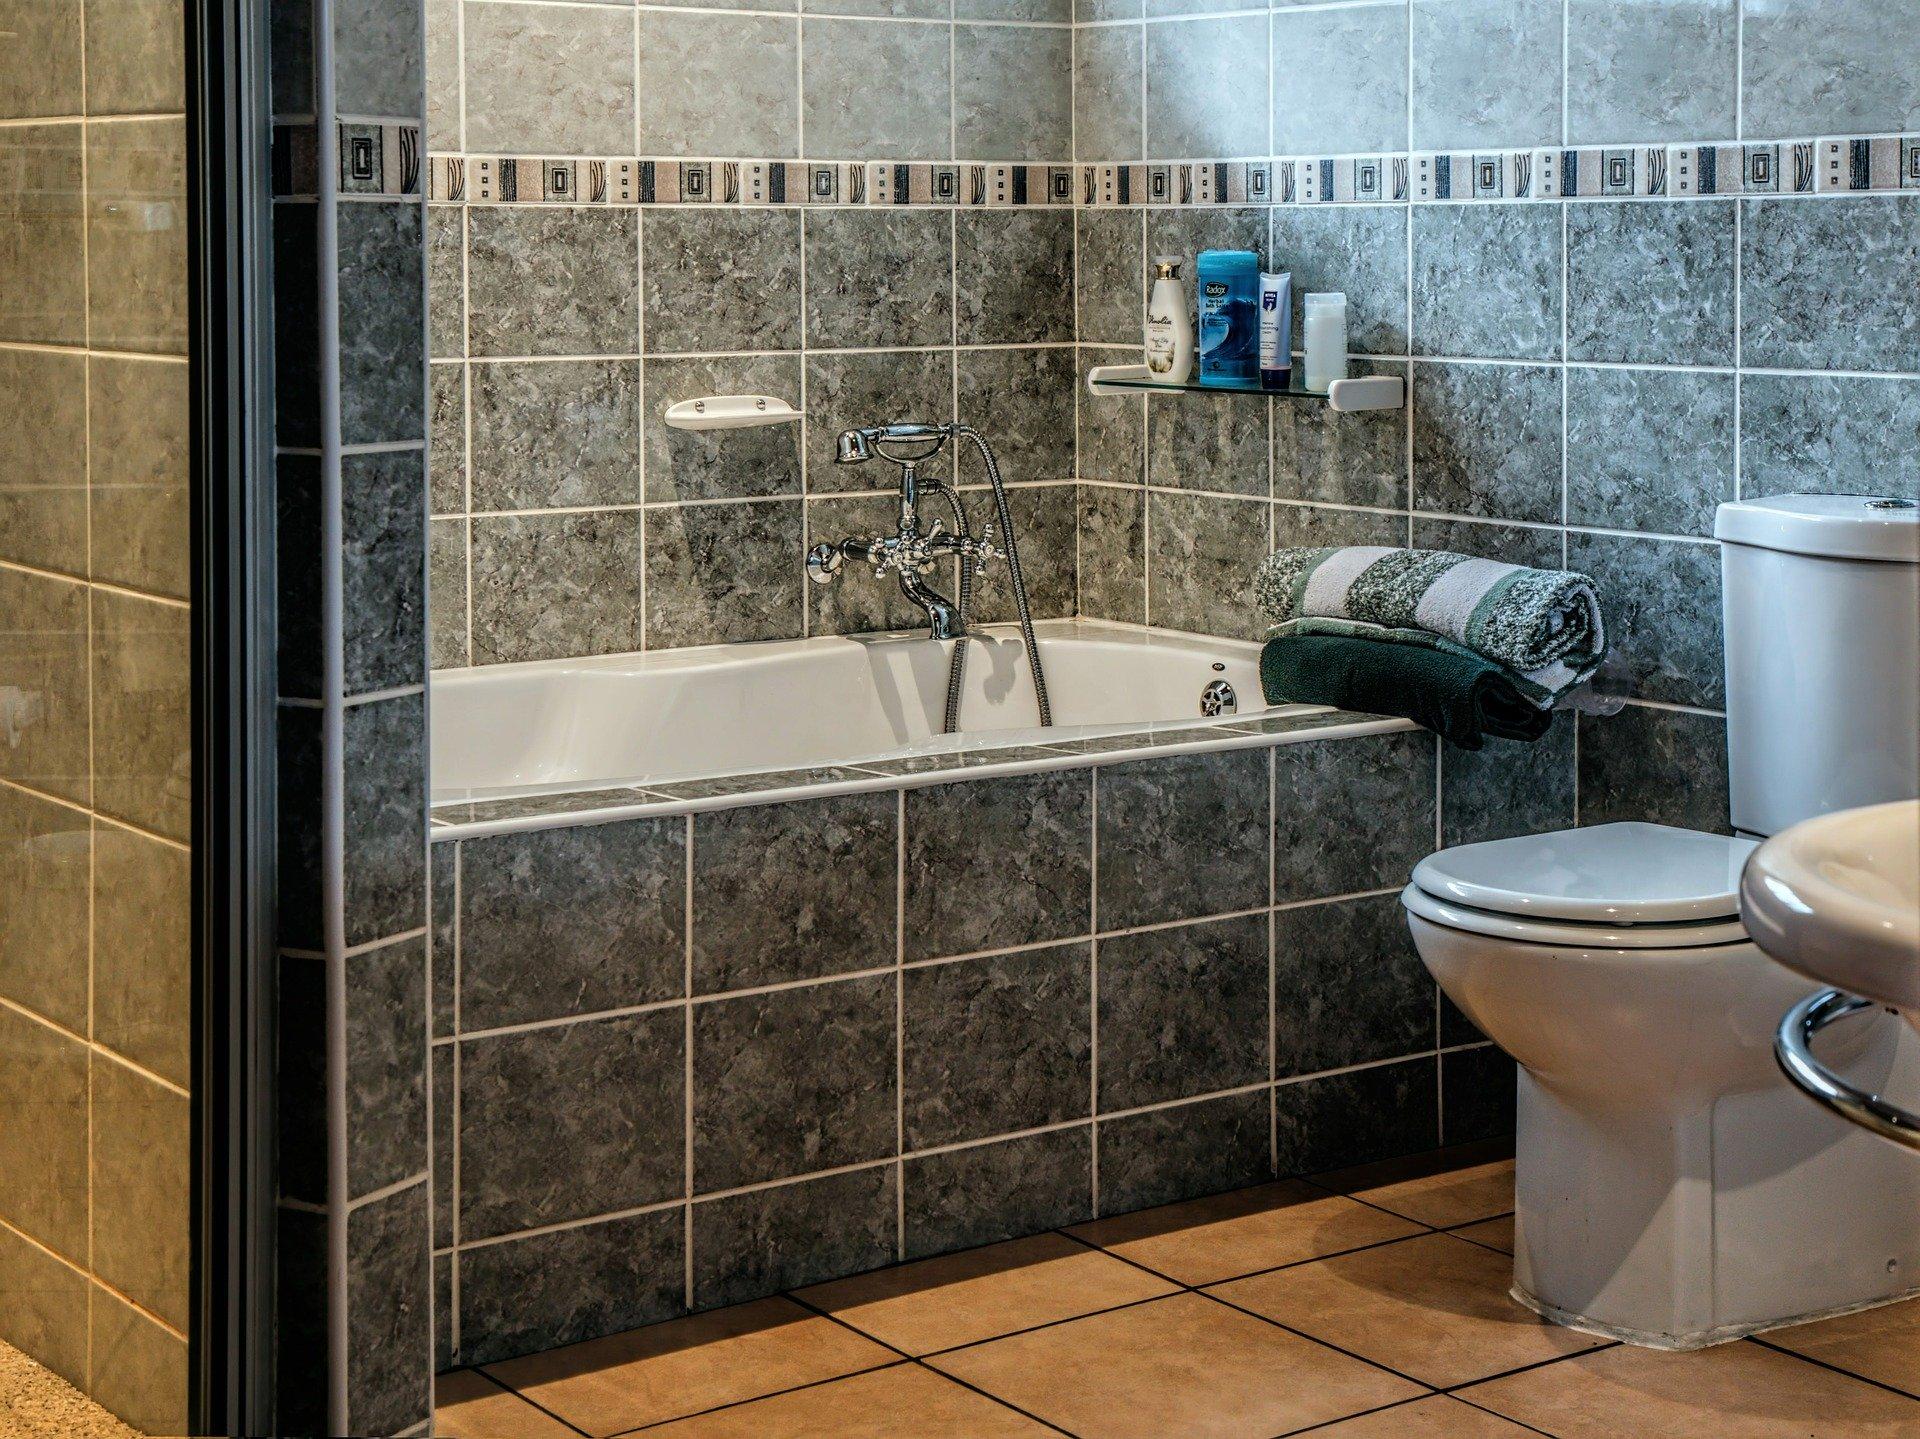 Aranżujemy łazienkę dla rodziny wielodzietnej. Przydatne rady, z których warto skorzystać